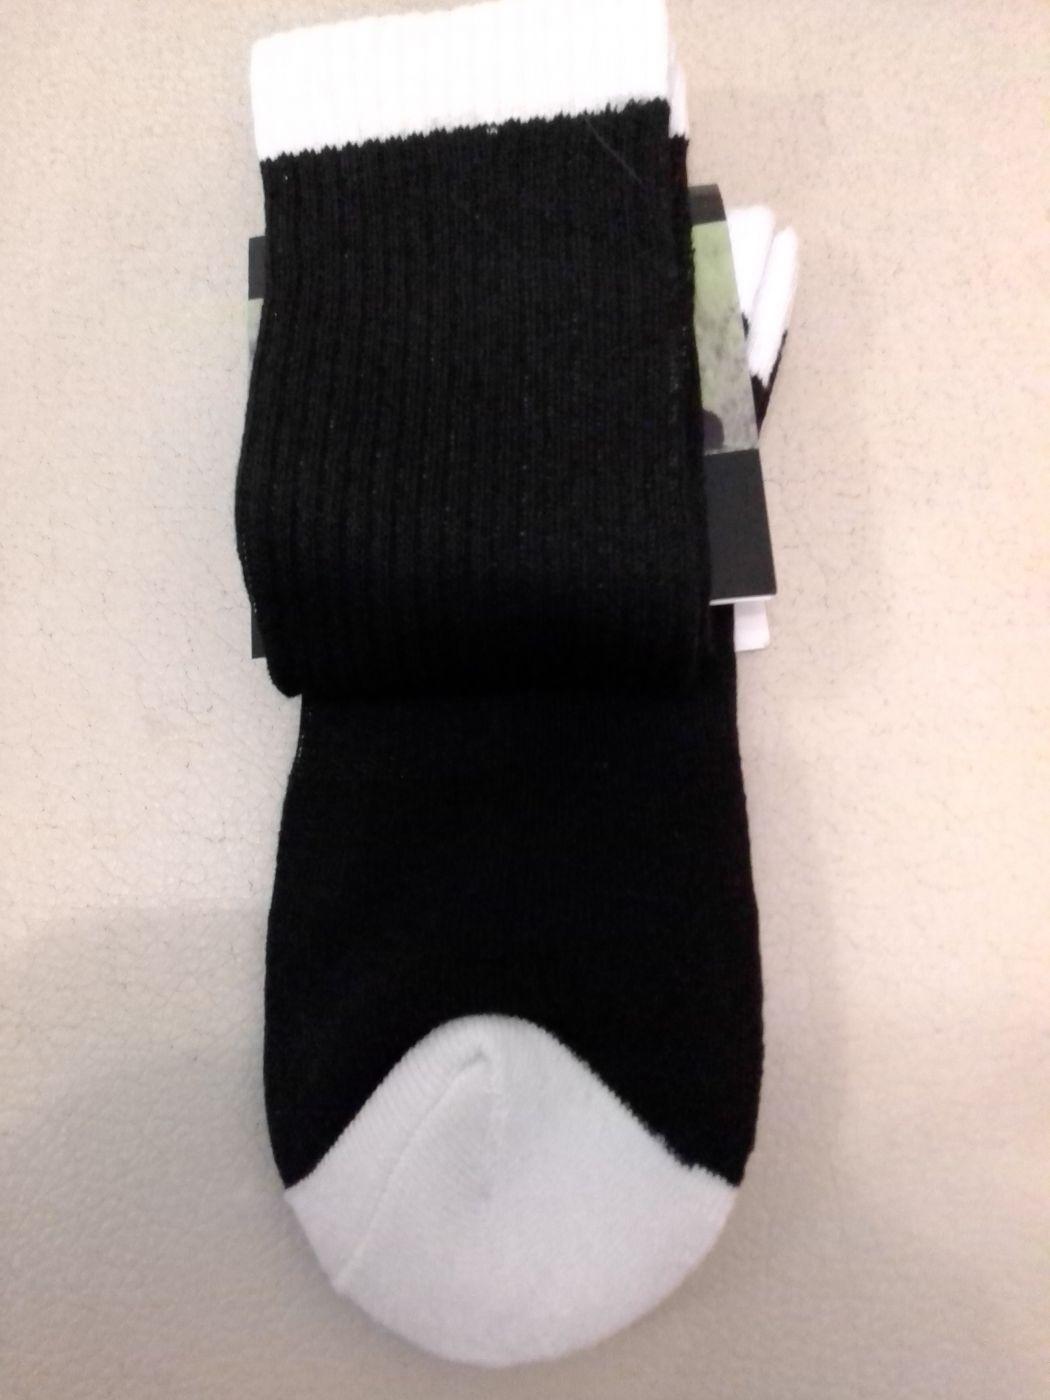 Носки спортивные (футбольные), чёрные, размер универсальный, артикул 16635